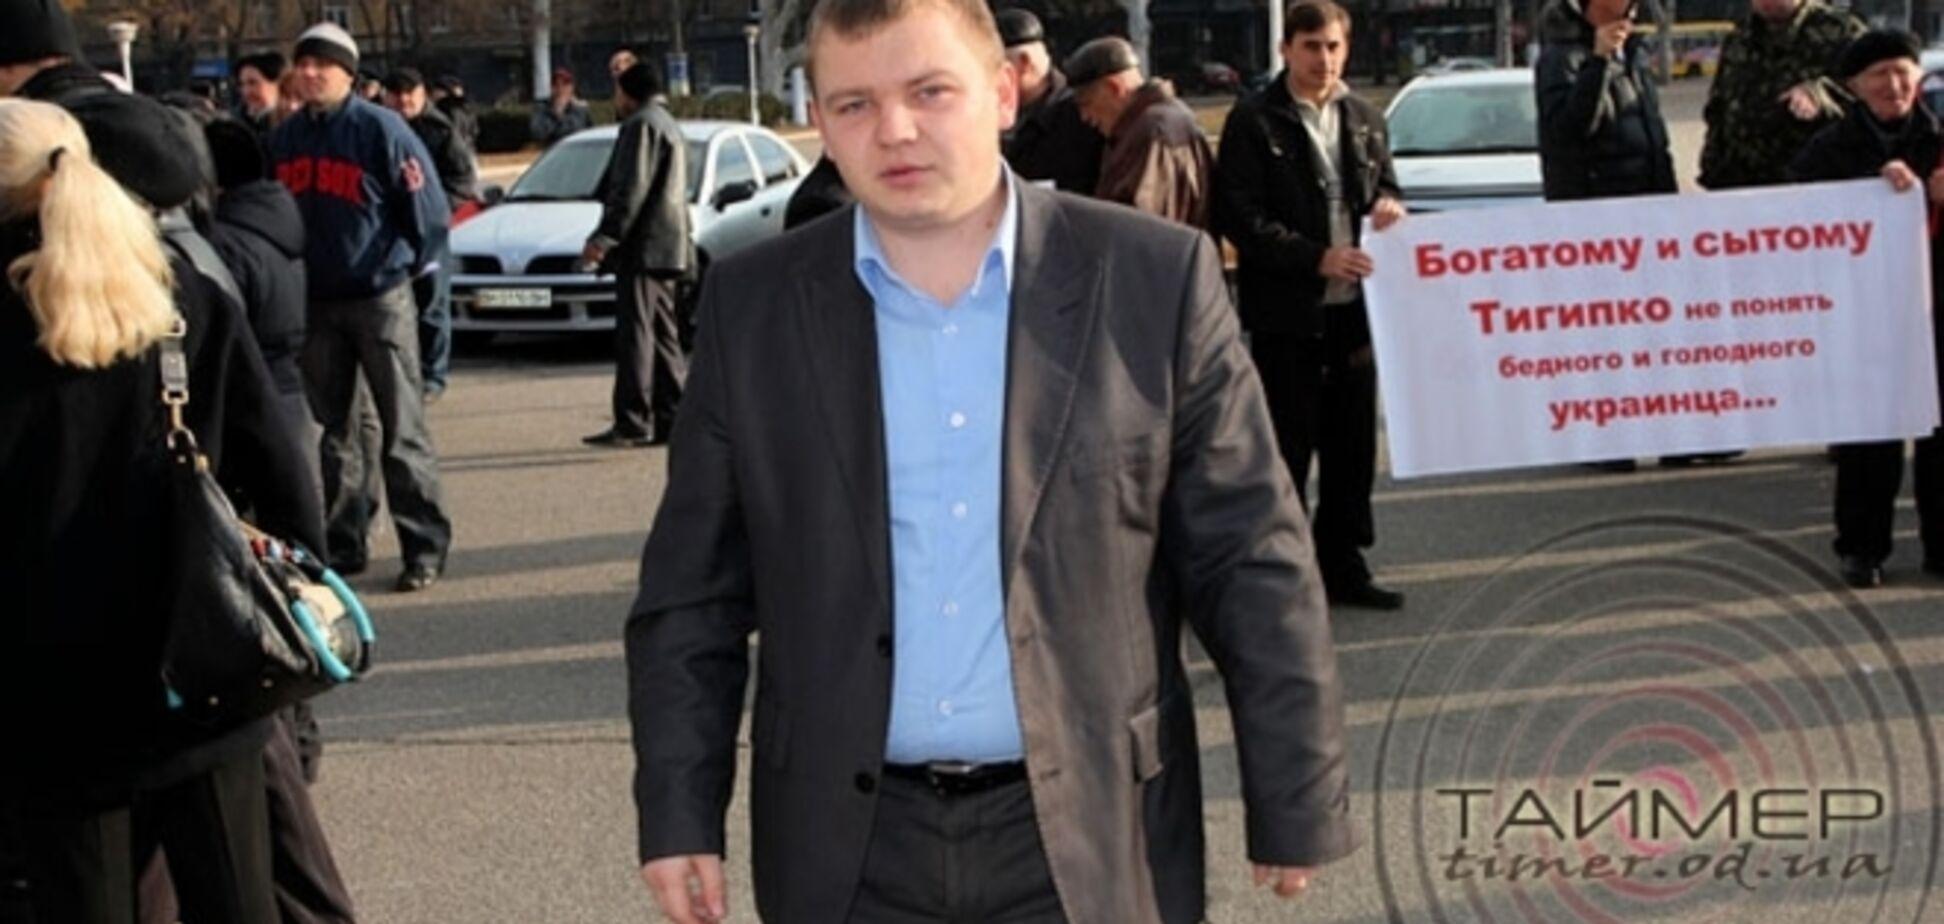 В Одессе жестоко избили кандидата в мэры – СМИ